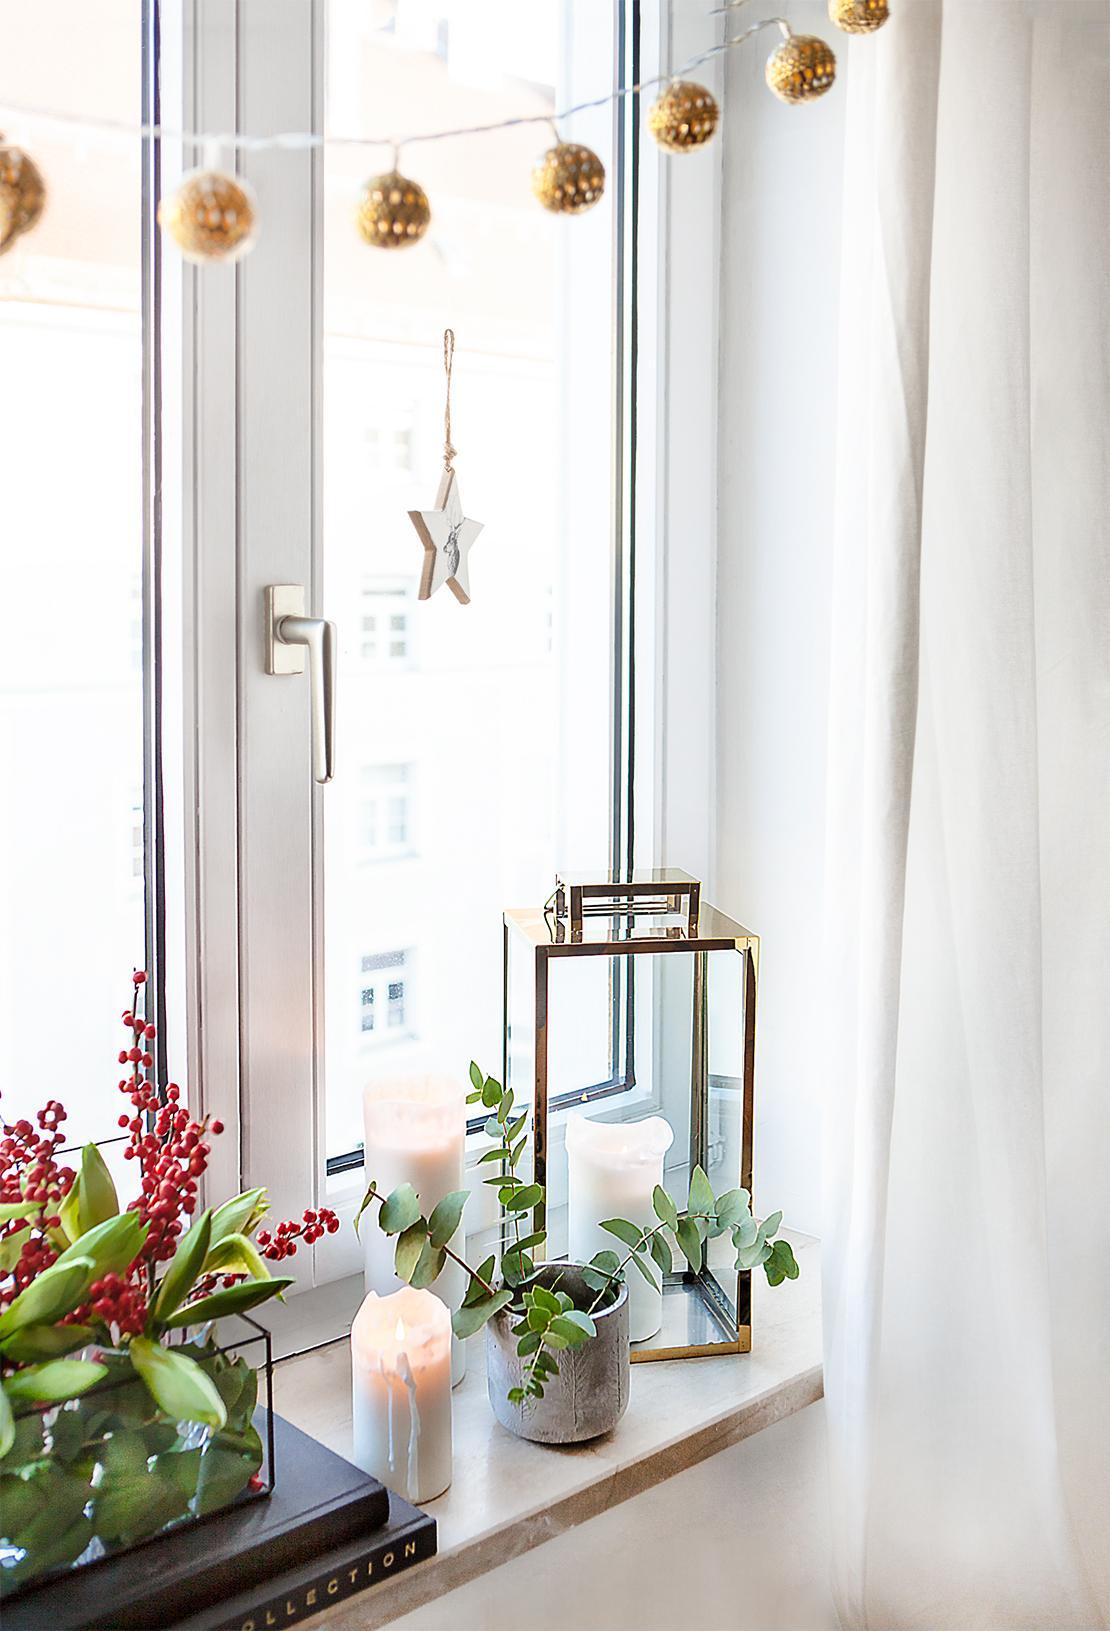 Cómo decorar la ventana en Navidad